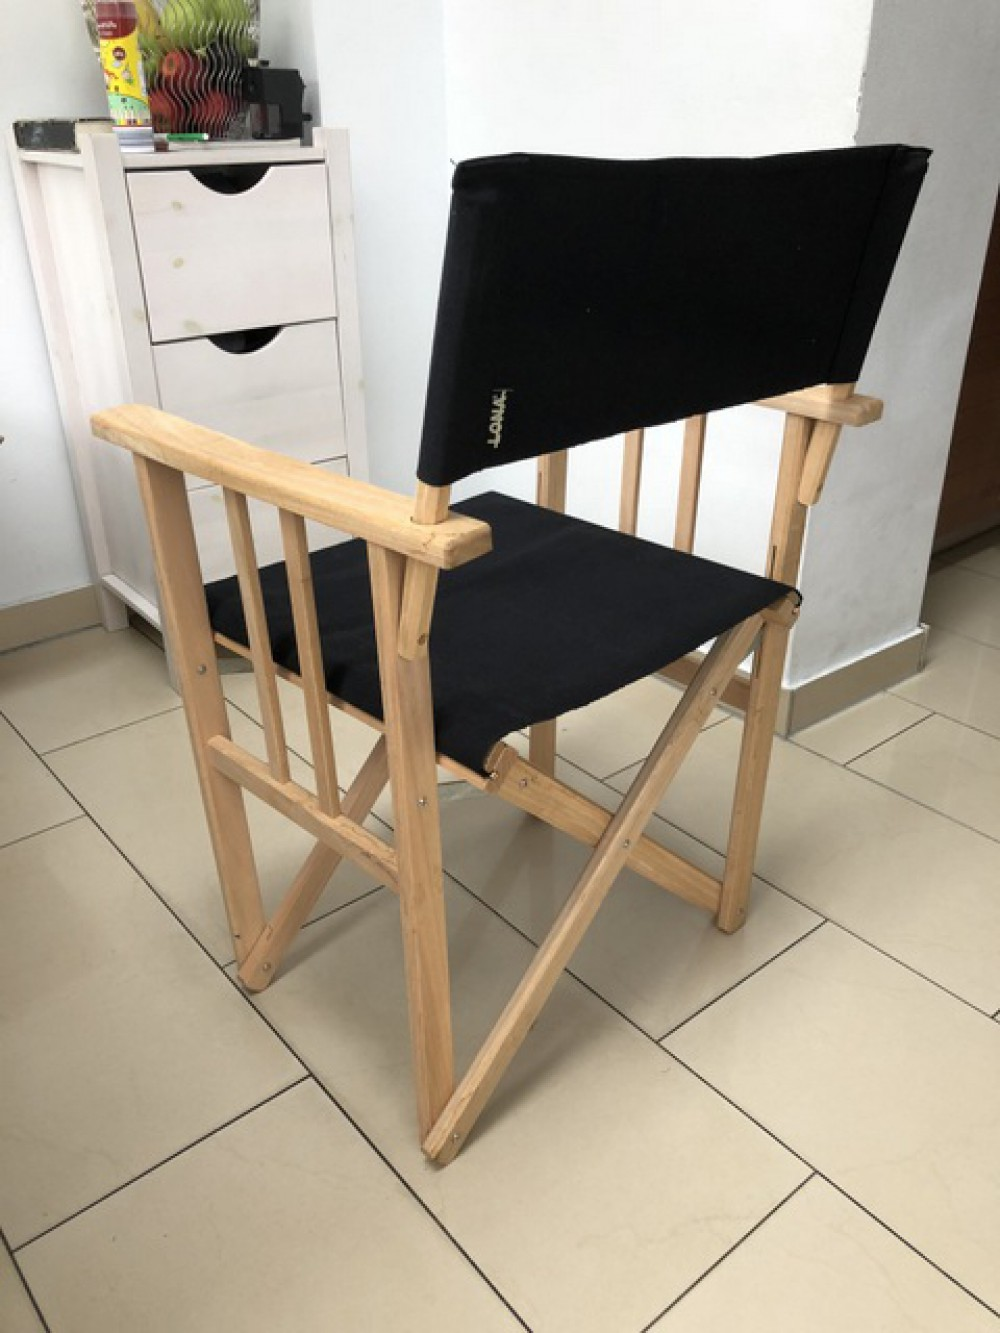 regiestuhl schwarz gartenstuhl schwarz klappstuhl schwarz. Black Bedroom Furniture Sets. Home Design Ideas